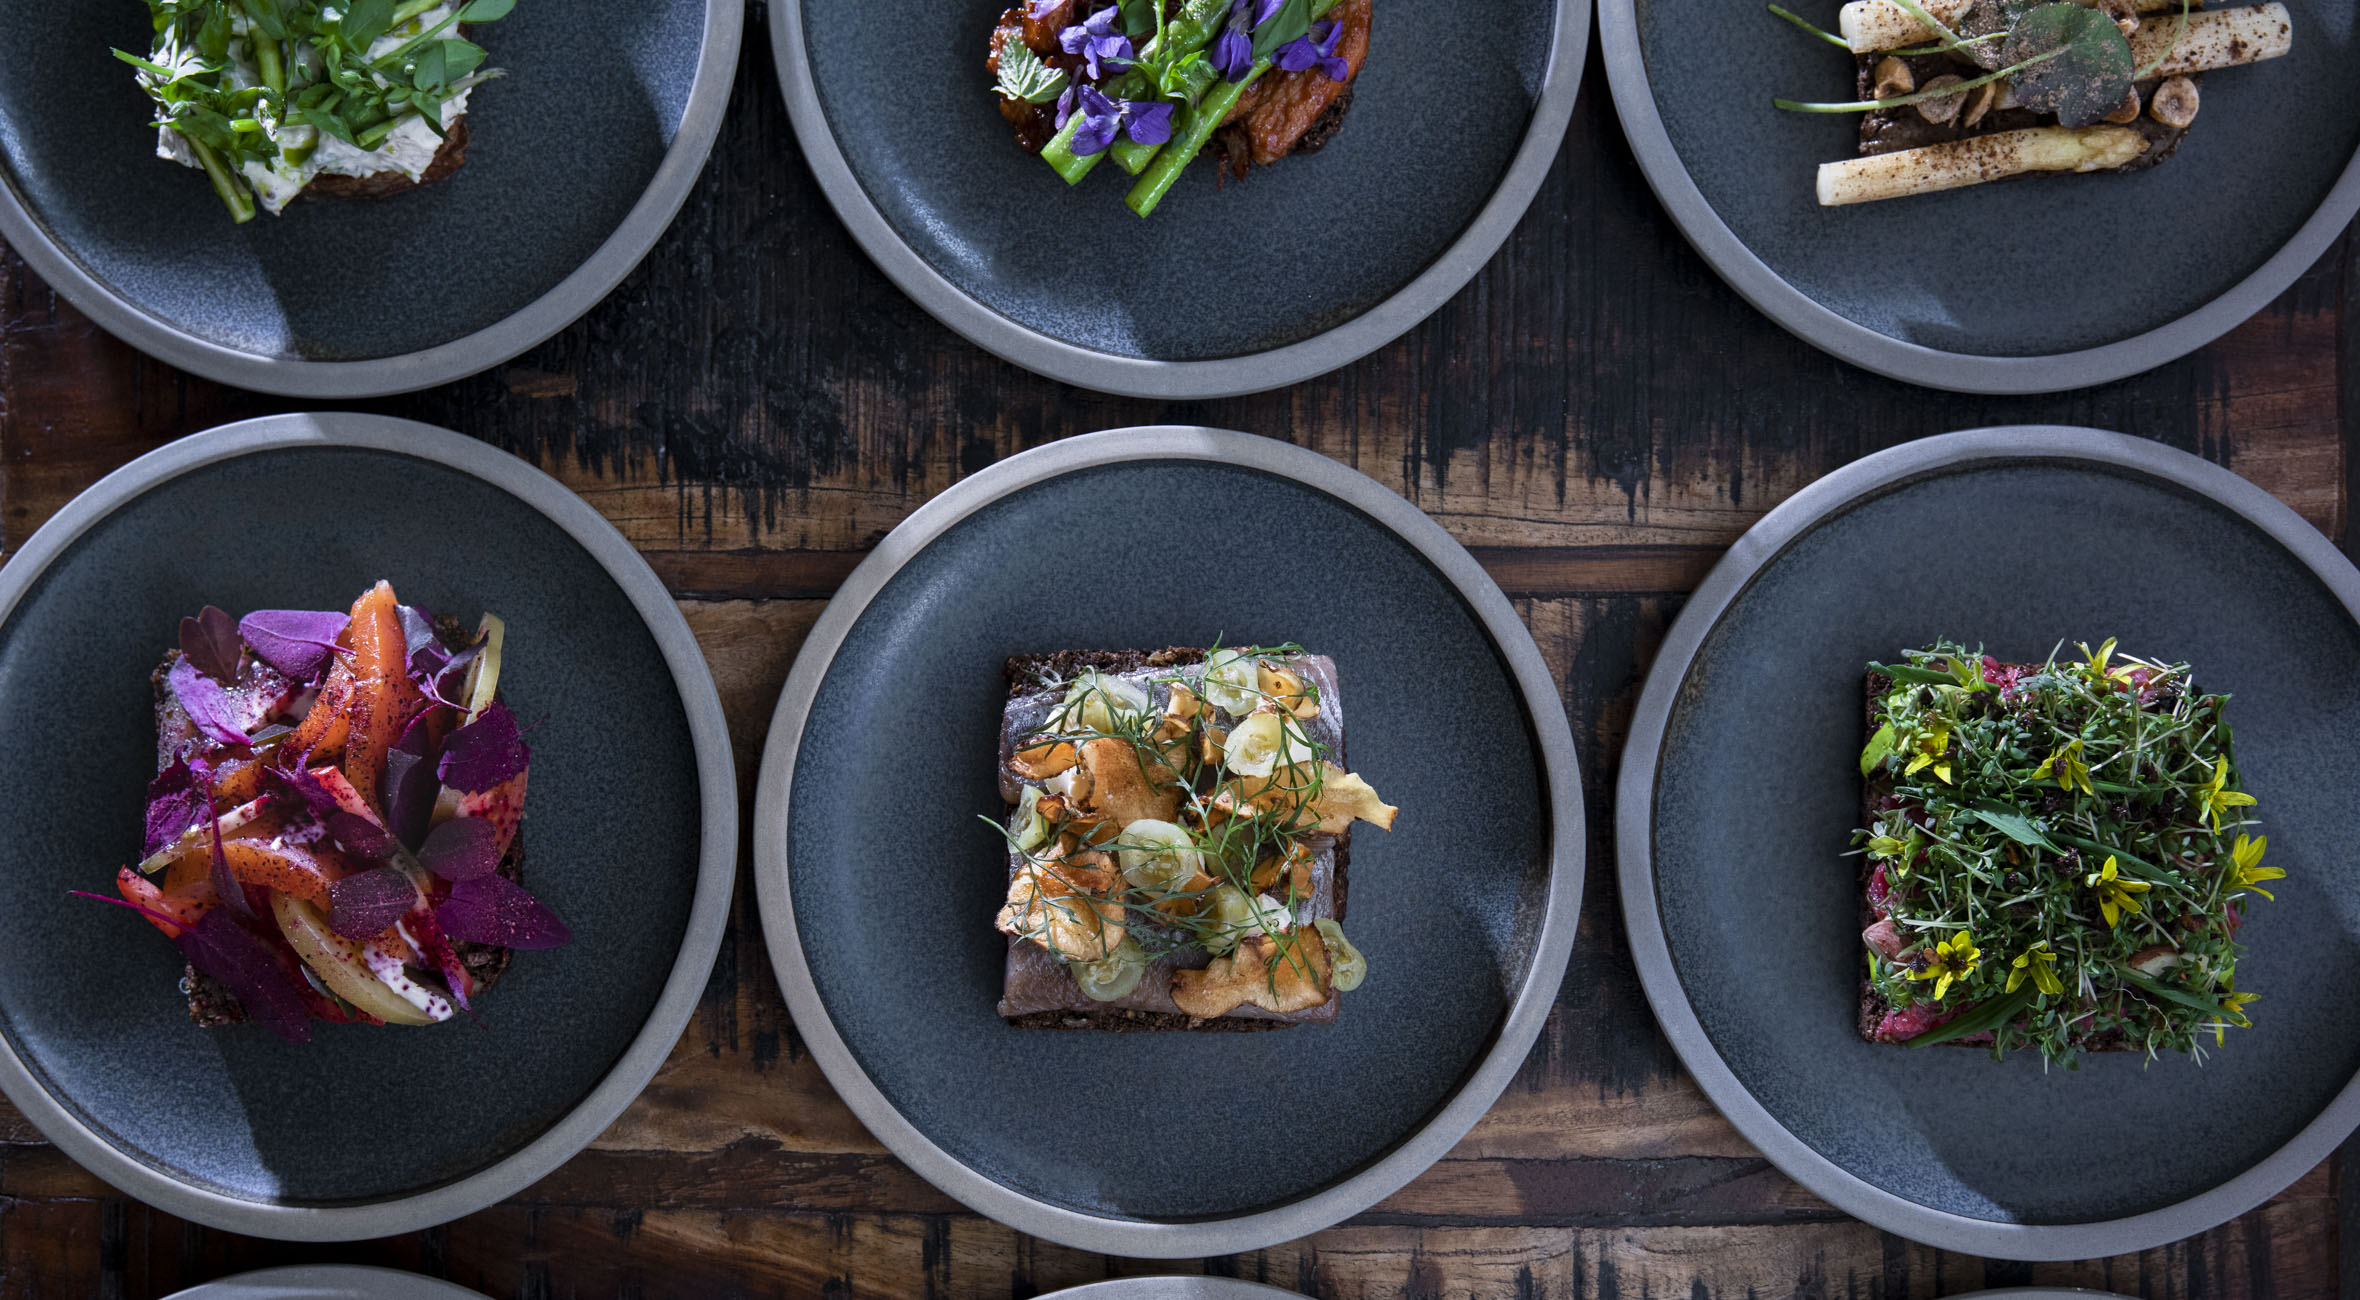 2 stk. smørrebrød hos Norrlyst i Indre By – Fremhævet som én af Danmarks bedste smørrebrødsrestauranter